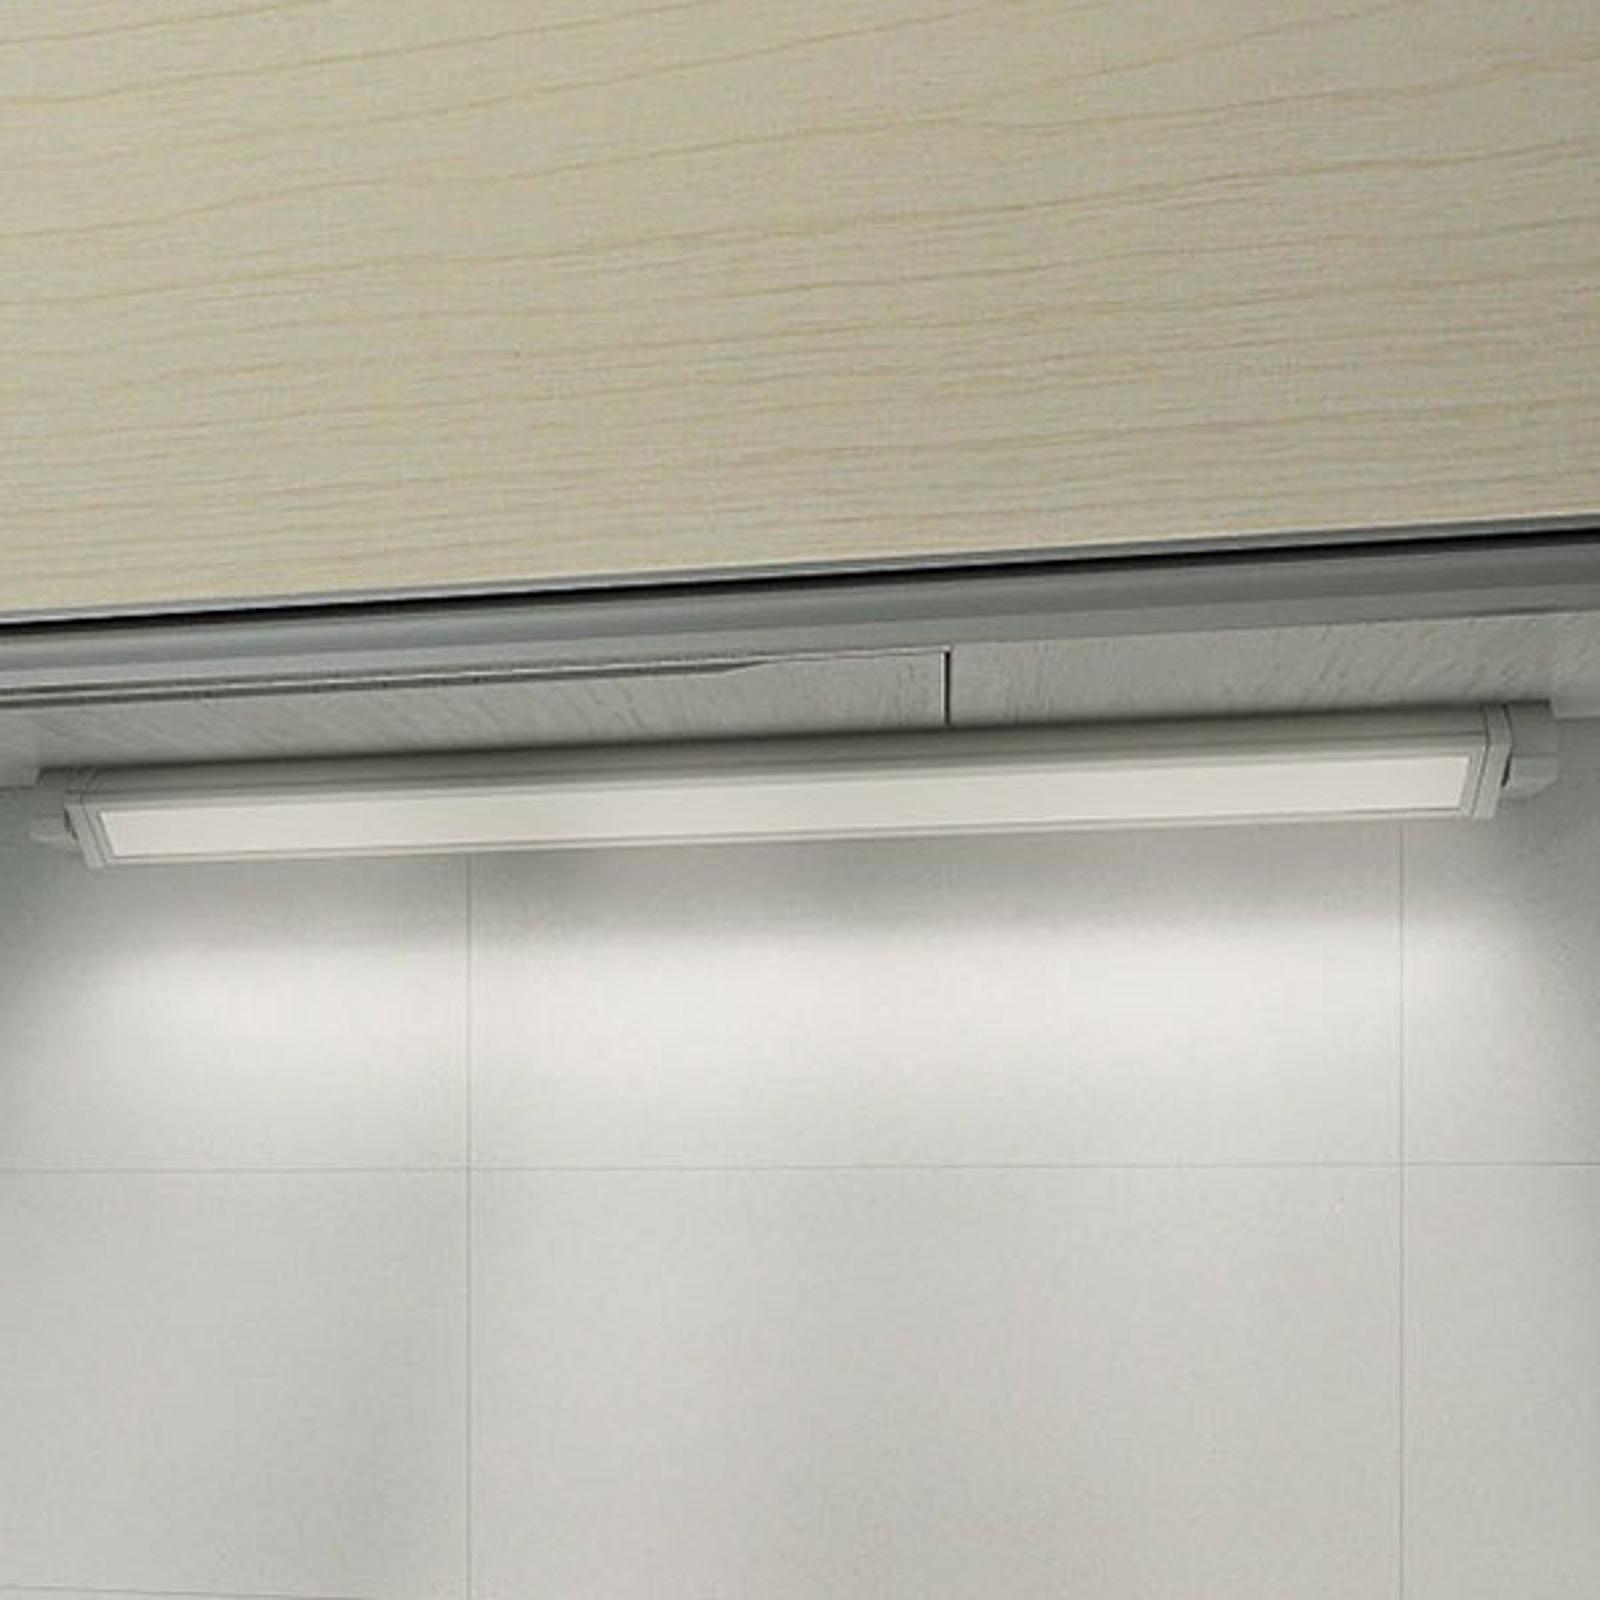 Ytmonterad LED-möbellampa 957, längd 34,8 cm